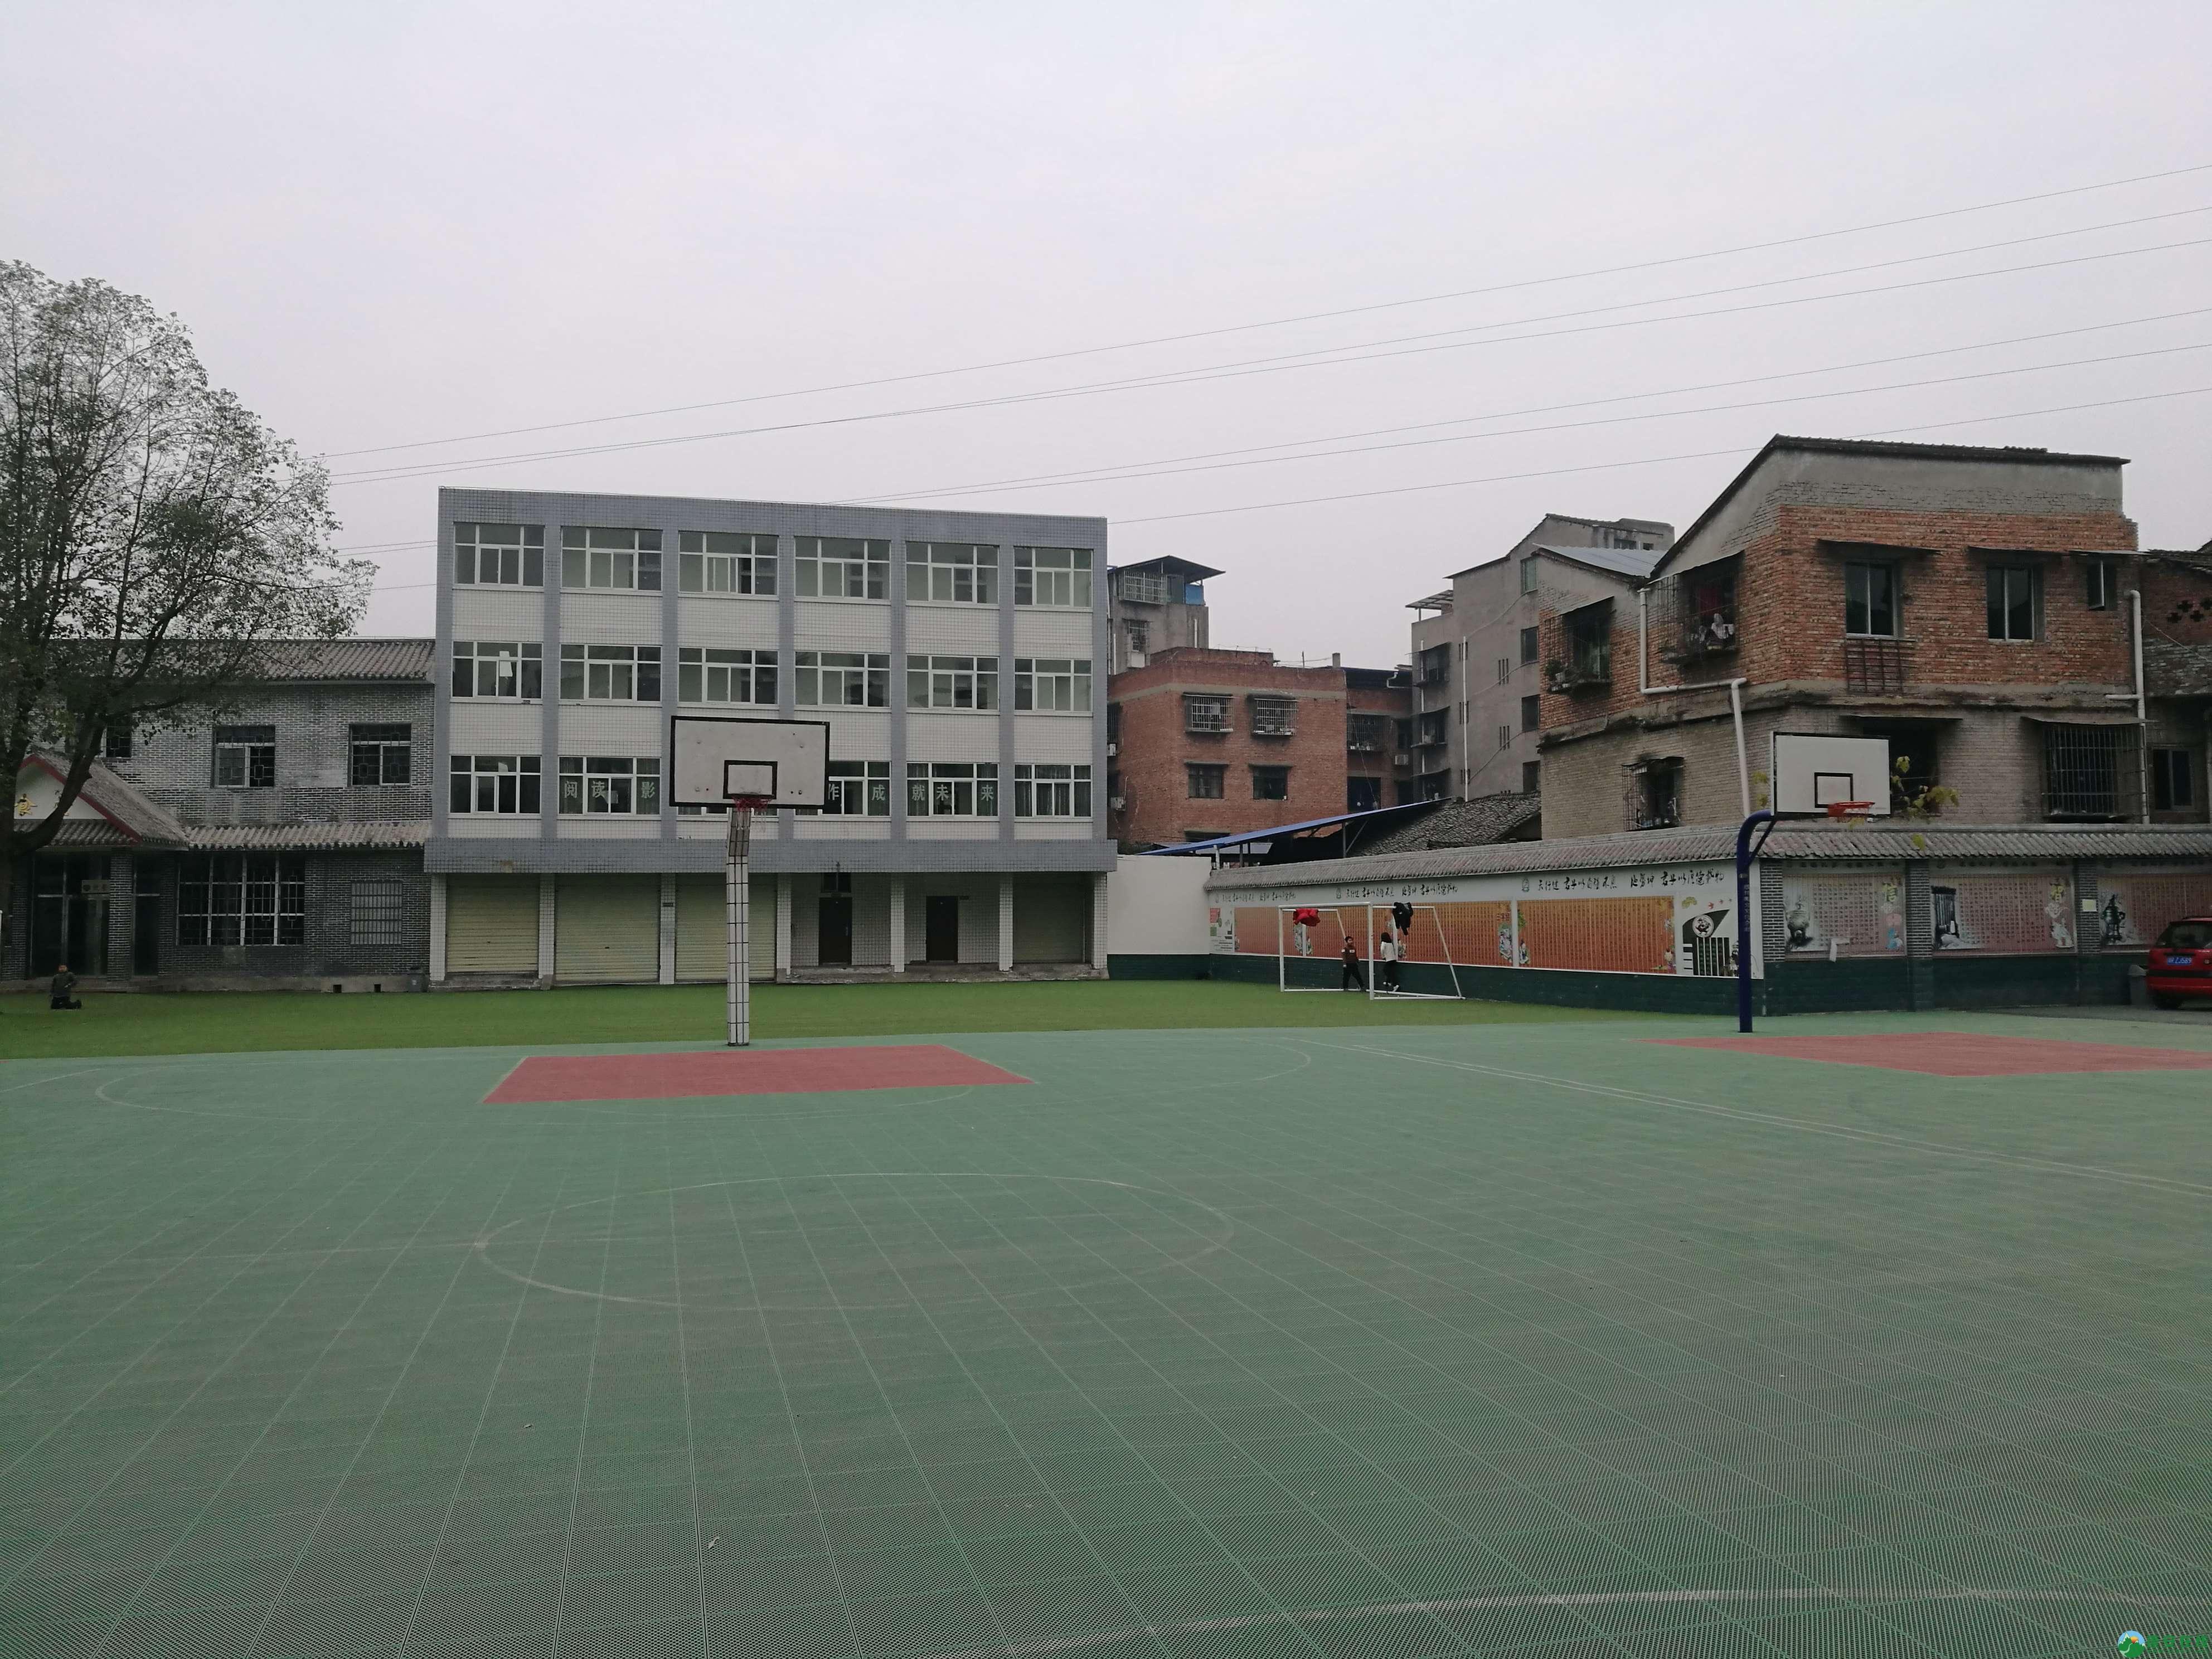 近二十年后再次走进锦屏小学 - 第4张  | 蓬安在线